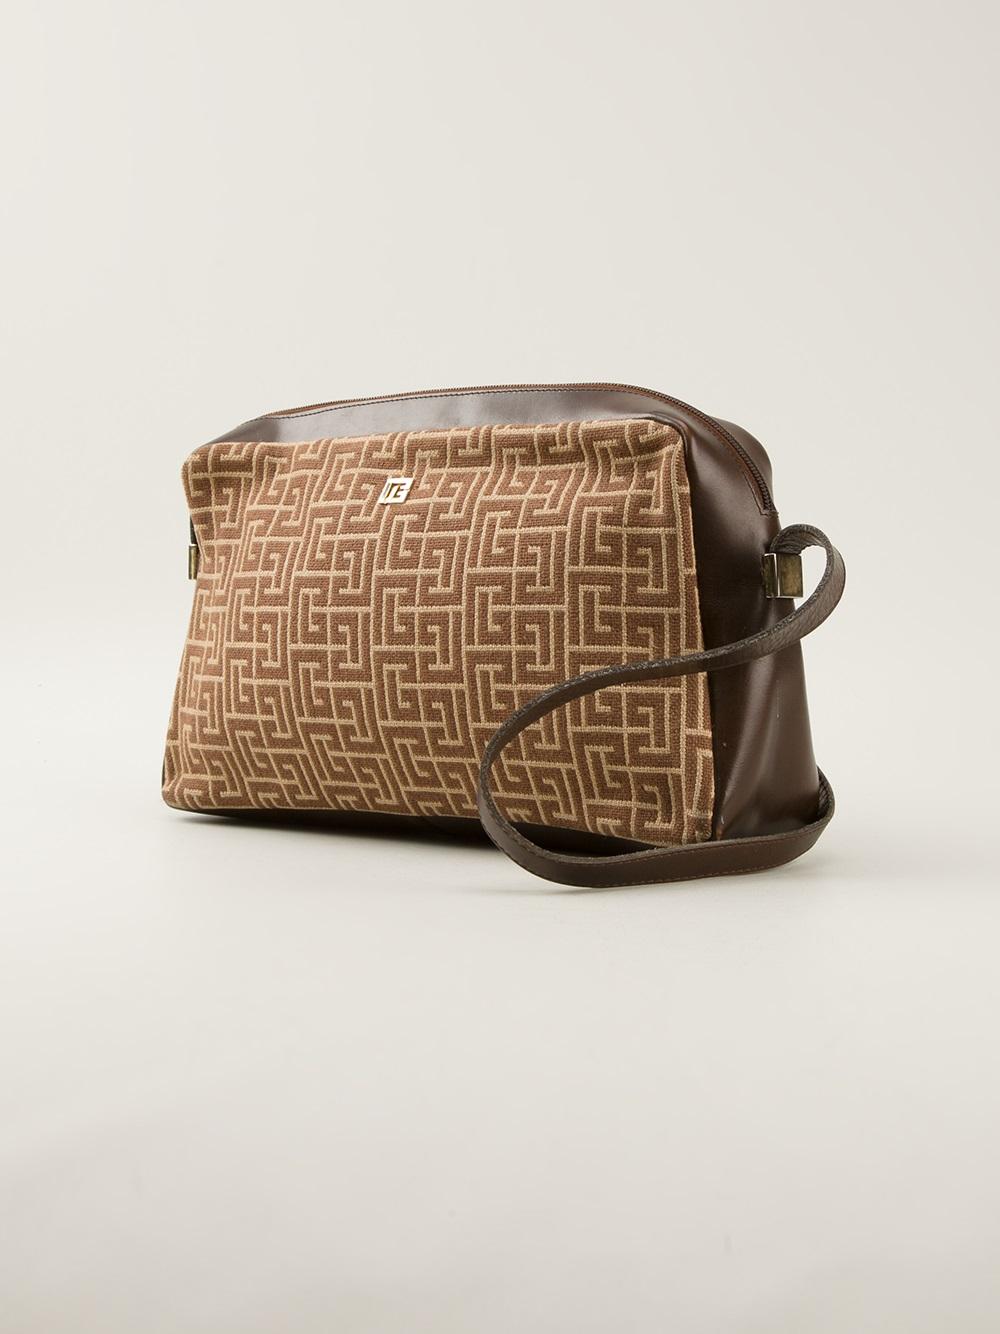 0c727b556f Balmain Intarsia Logo Shoulder Bag in Brown - Lyst